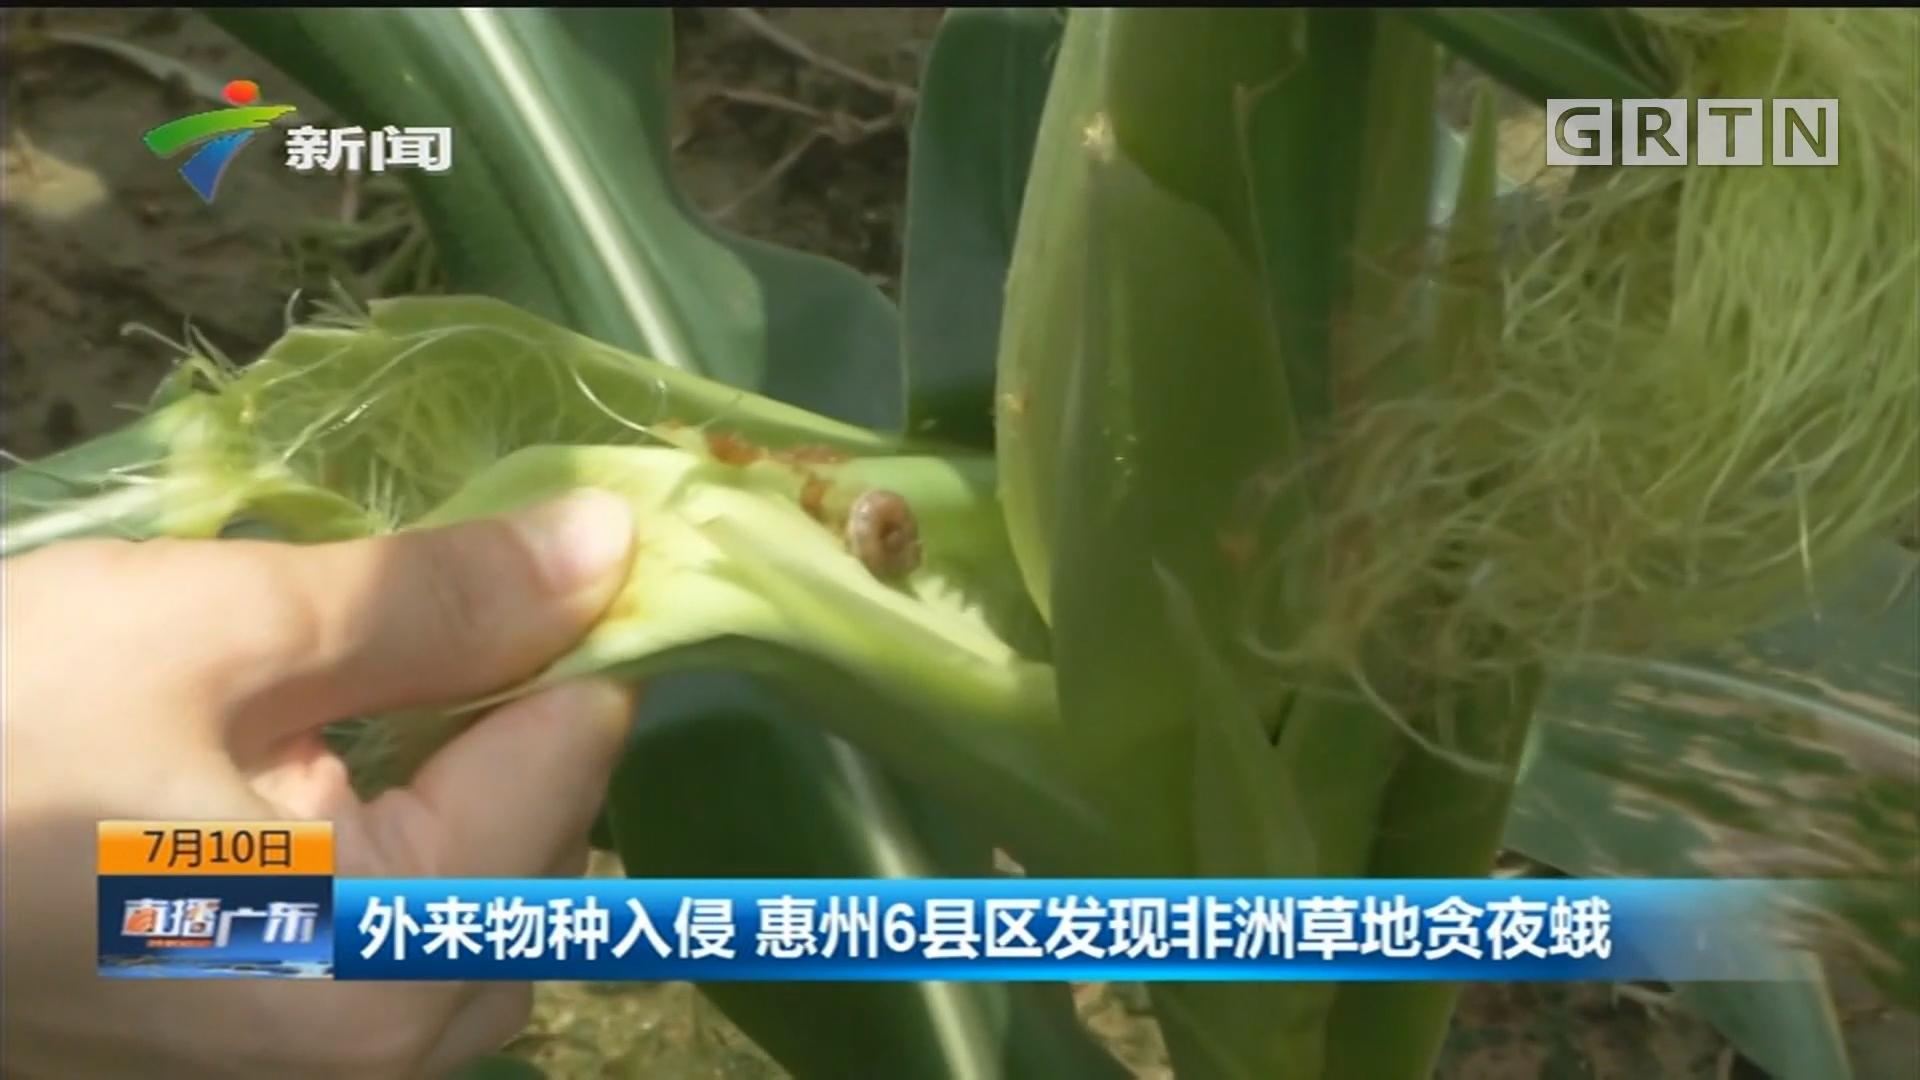 外来物种入侵 惠州6县区发现非洲草地贪夜蛾